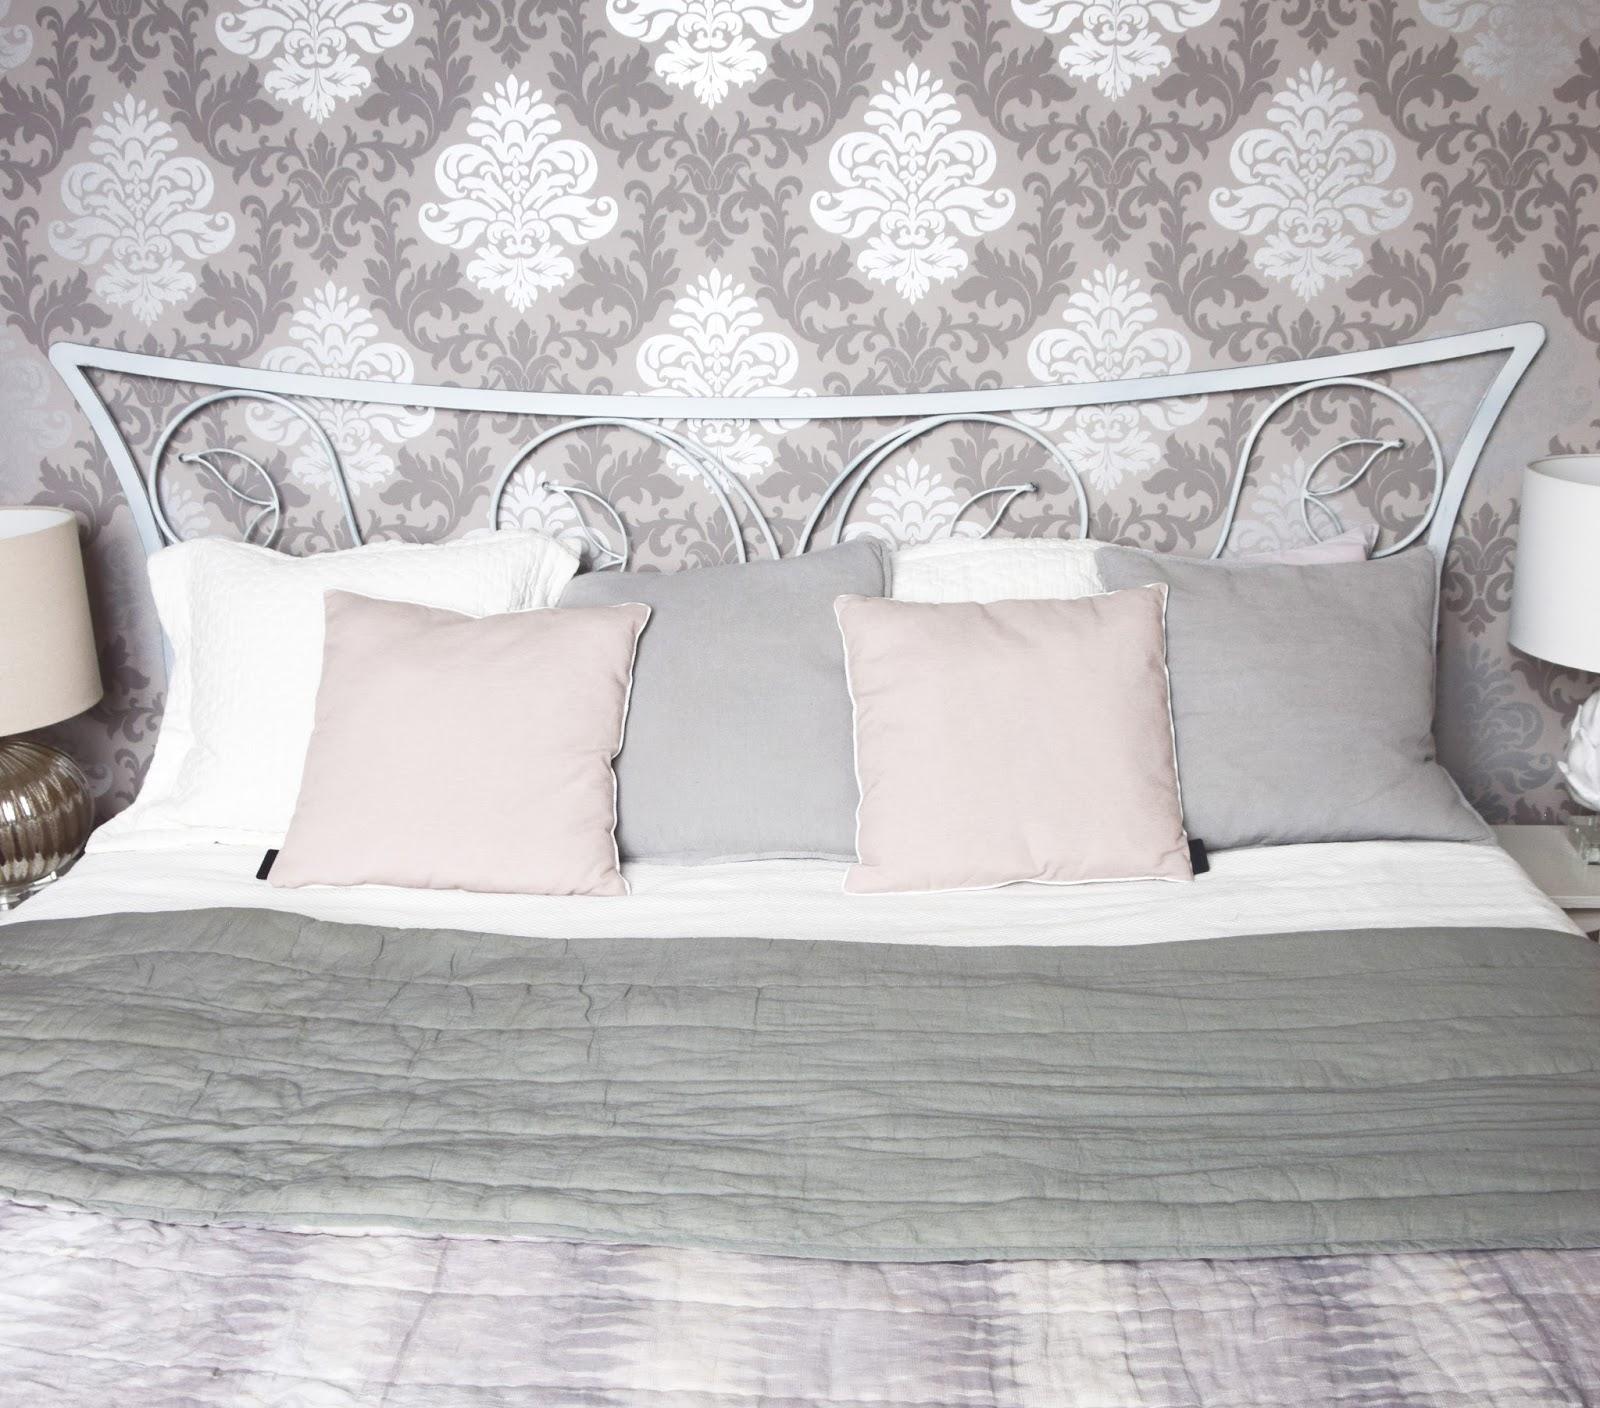 Dieser Post Enhält Bilder Von Meinem Schlafzimmer, Ein Paar Gute Tipps Zum  Matratzenkauf Und Werbung.